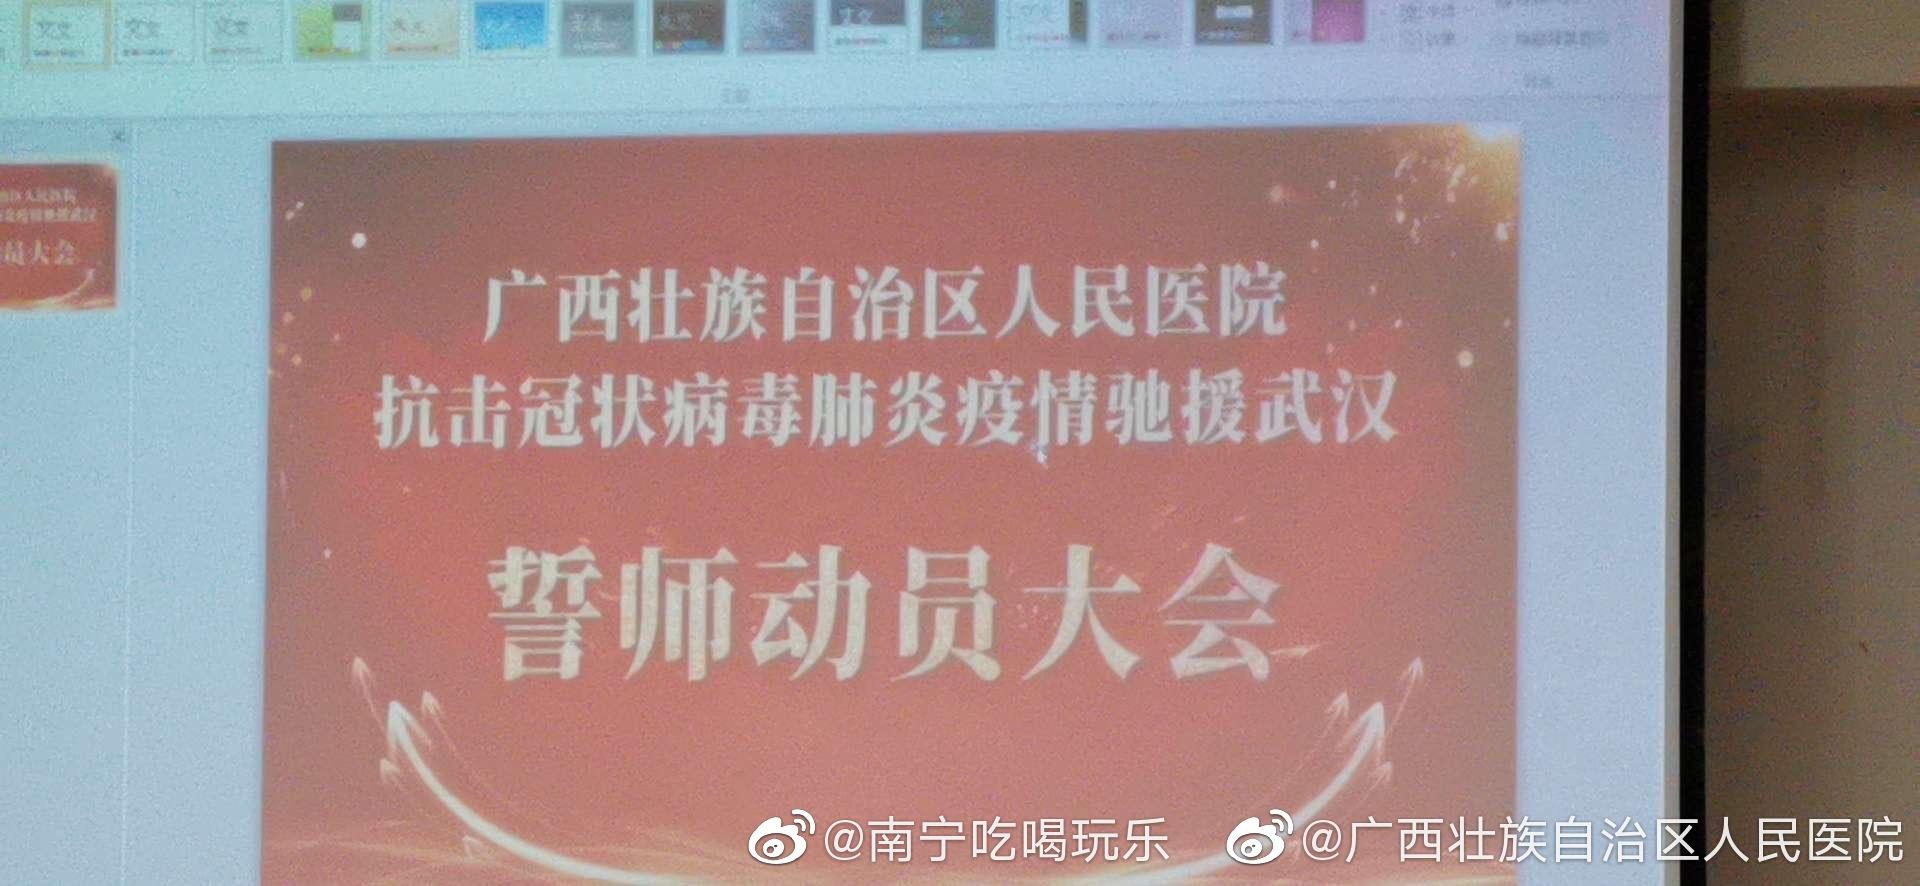 一定要平安归来!广西壮族自治区人民医院21名医务人员驰援武汉